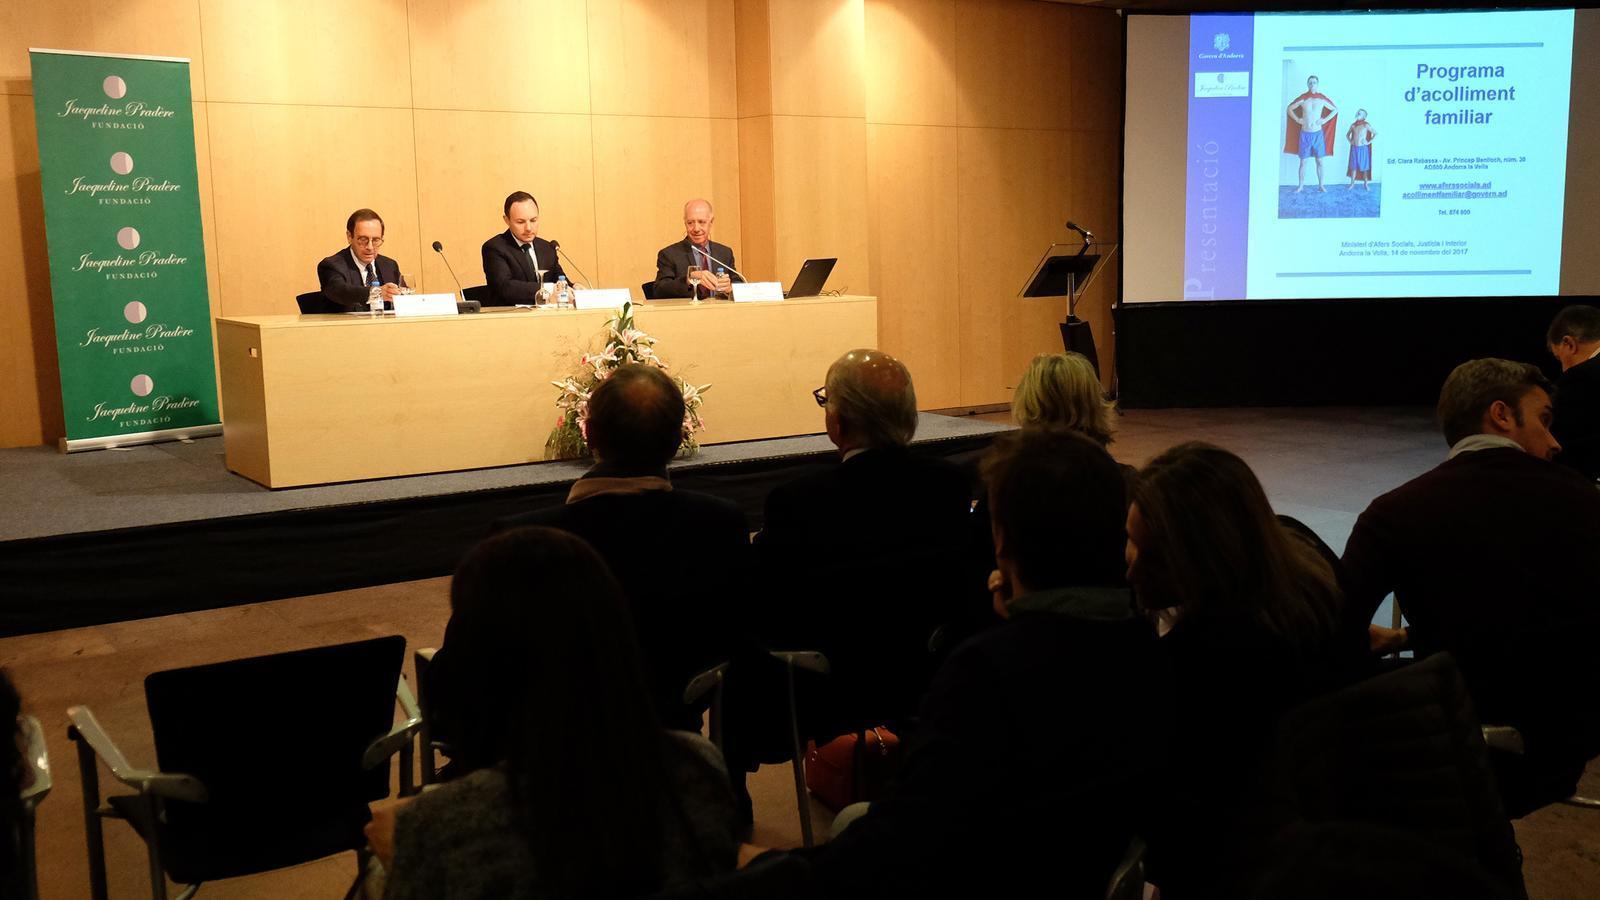 Conferència sobre famílies d'acollida al Centre de Congressos / M. T. (ANA)